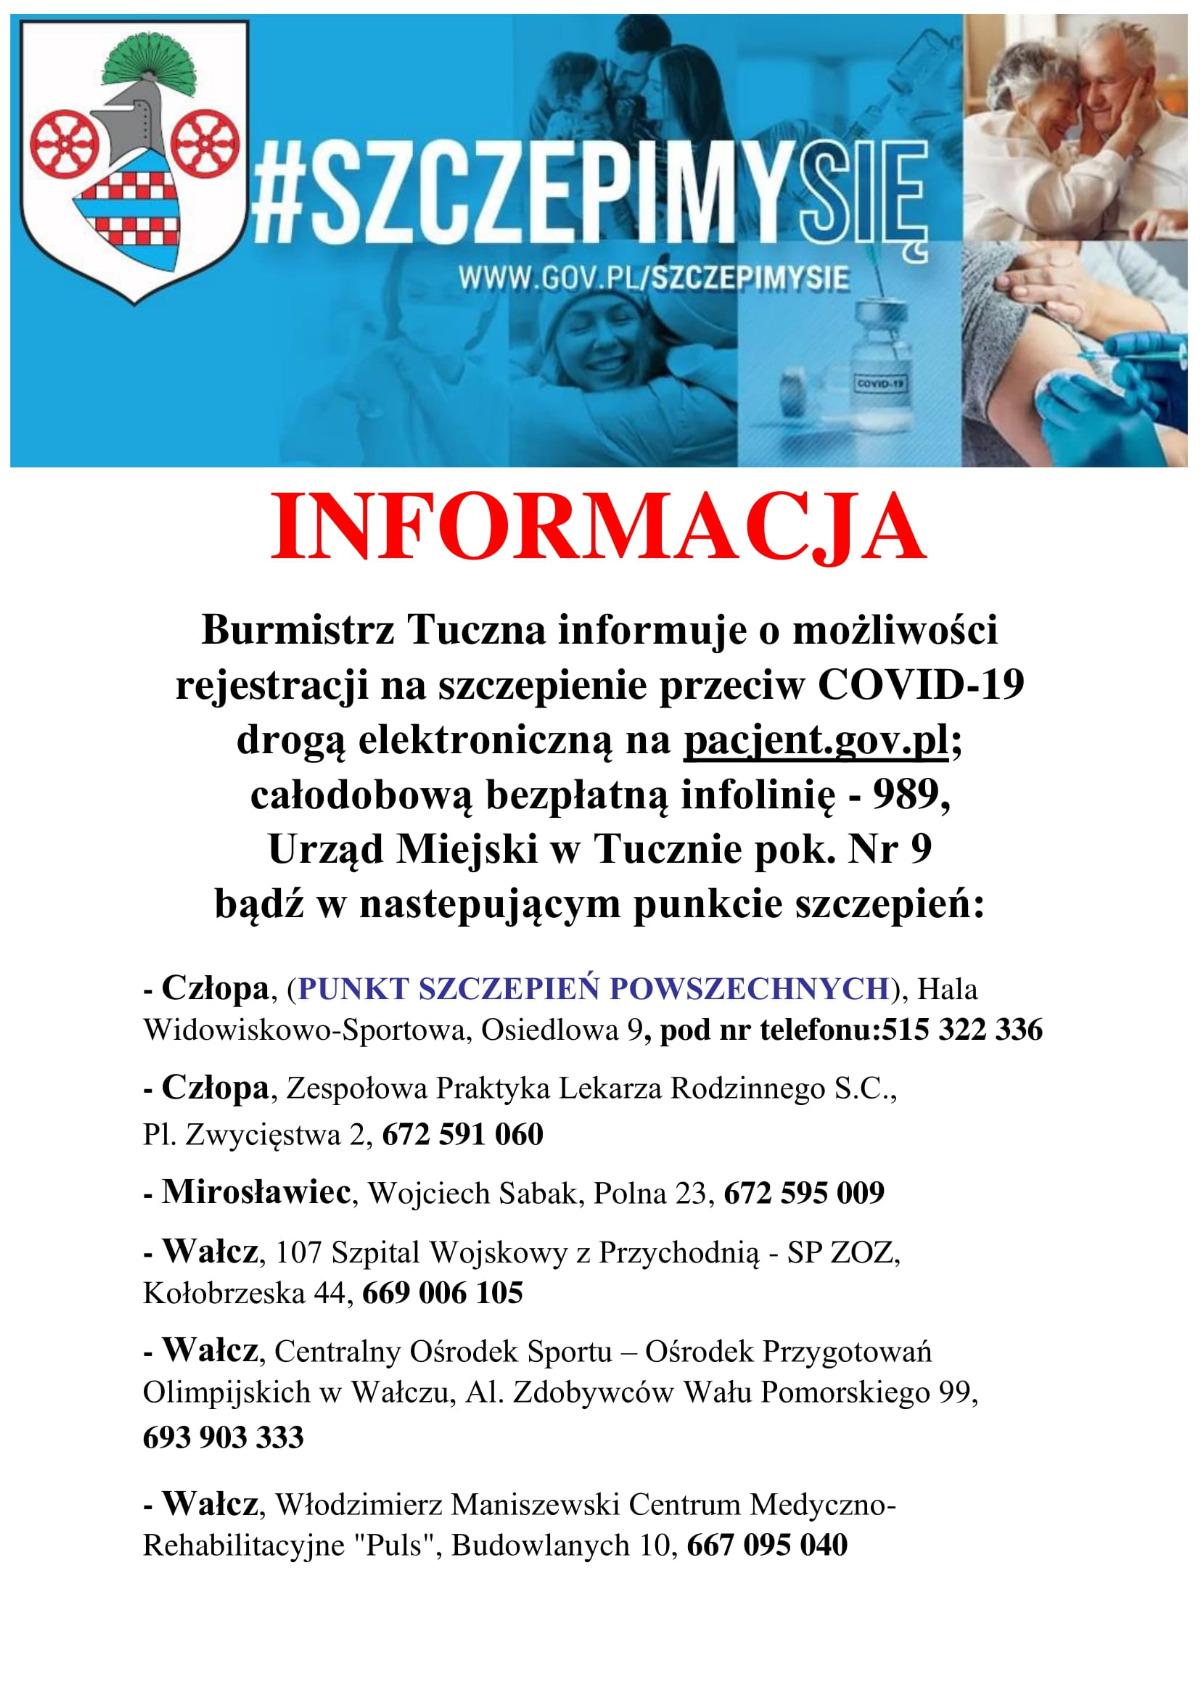 Informacja Burmistrza Tuczna - punkty szczepień